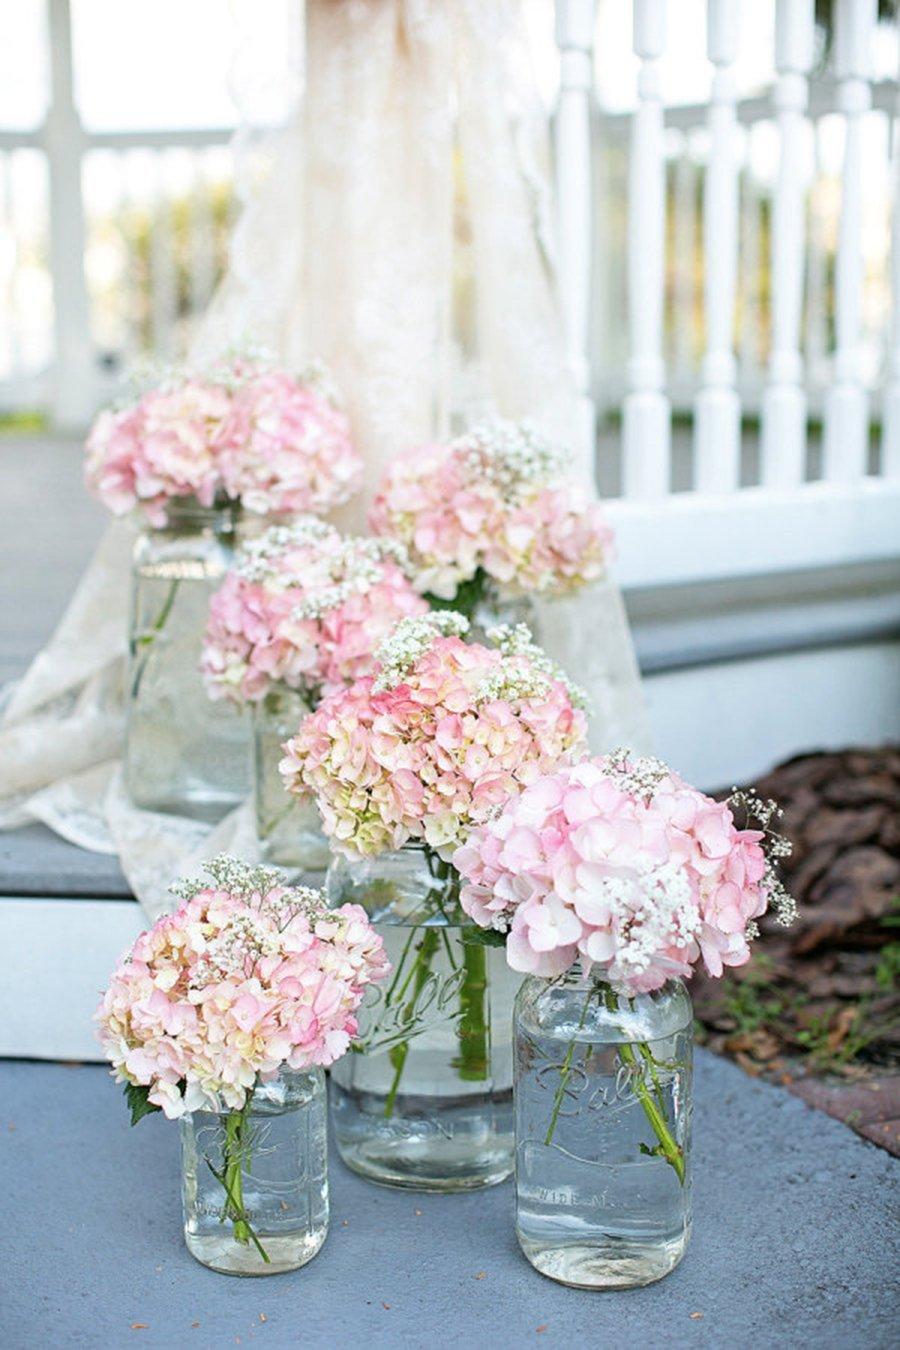 Hochzeitsideen Rosa Friedatheres Com